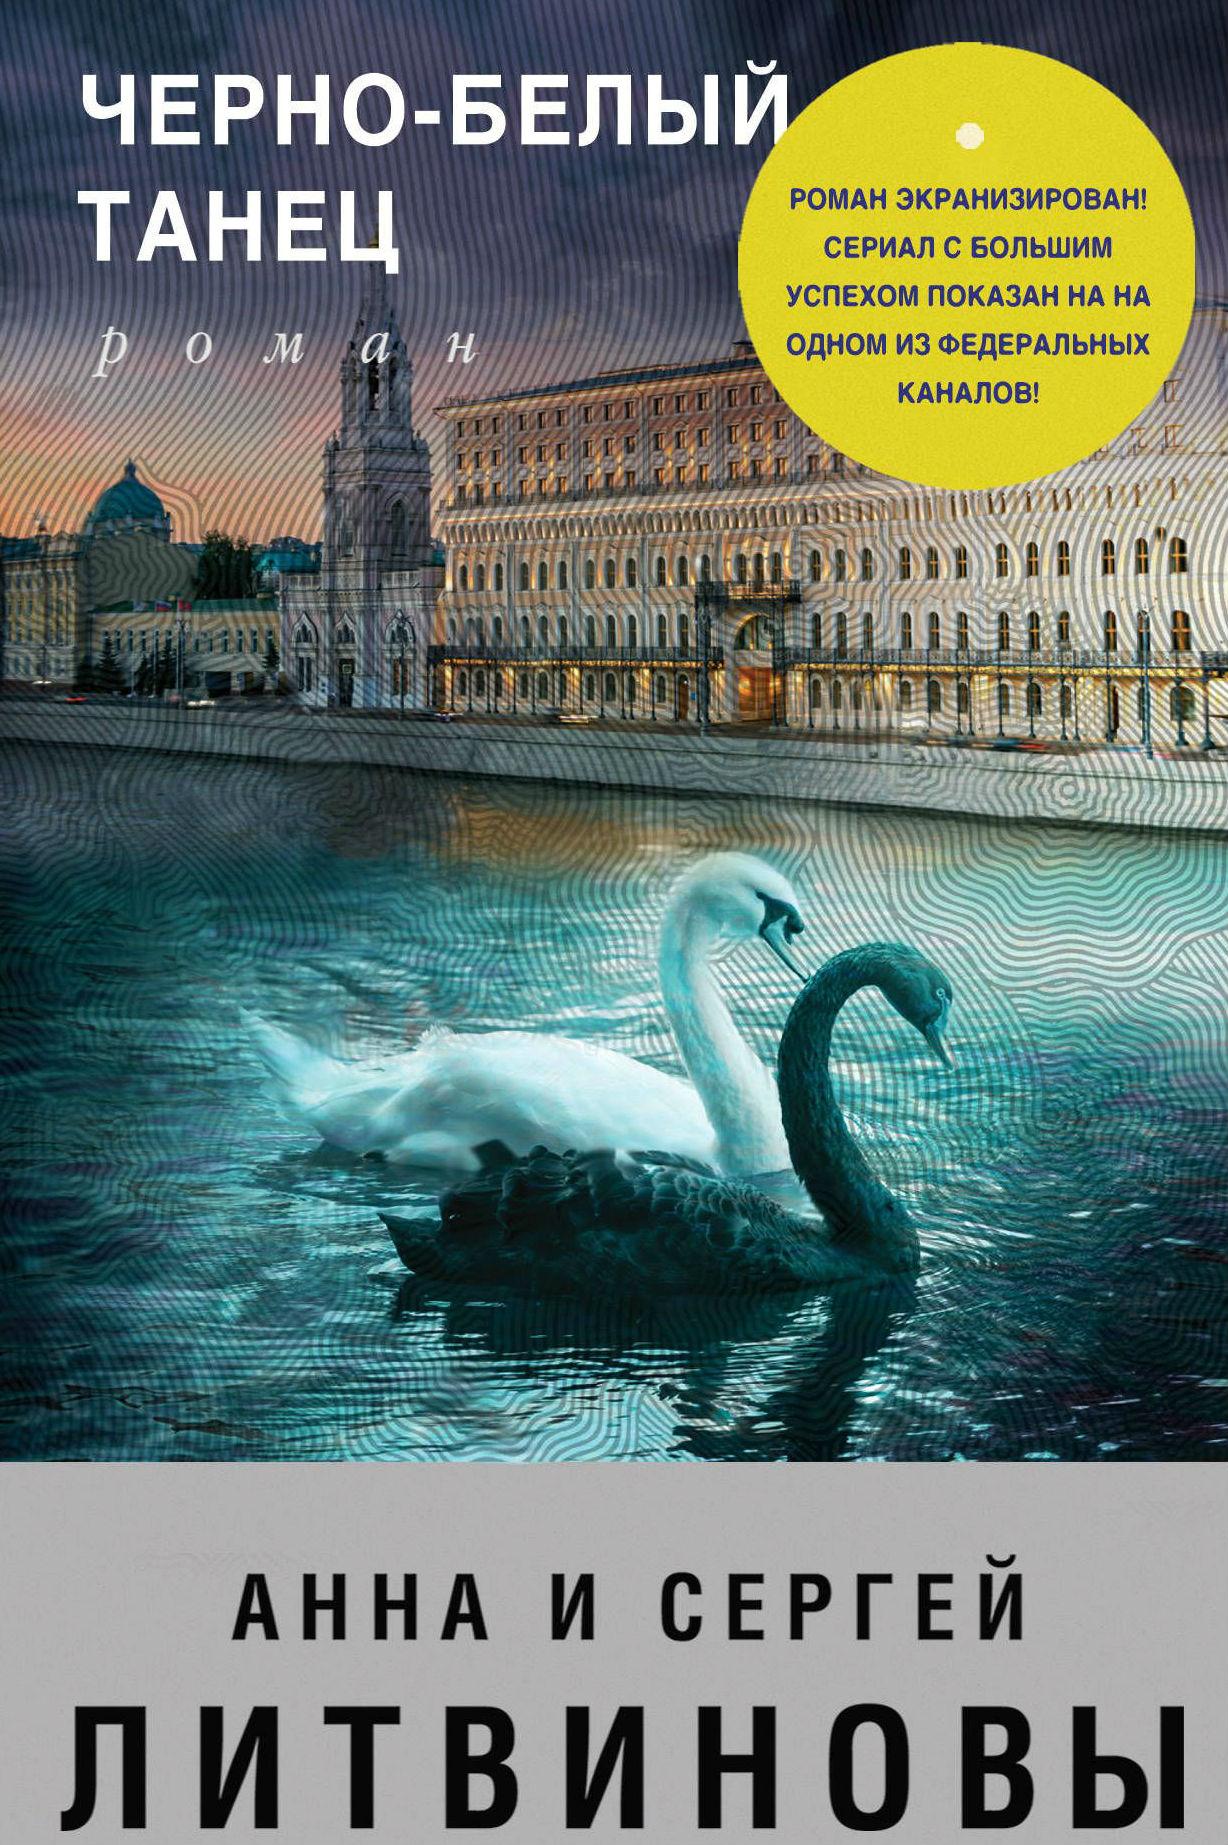 Купить Черно-белый танец, Сергей Литвинов, 978-5-04-094943-4